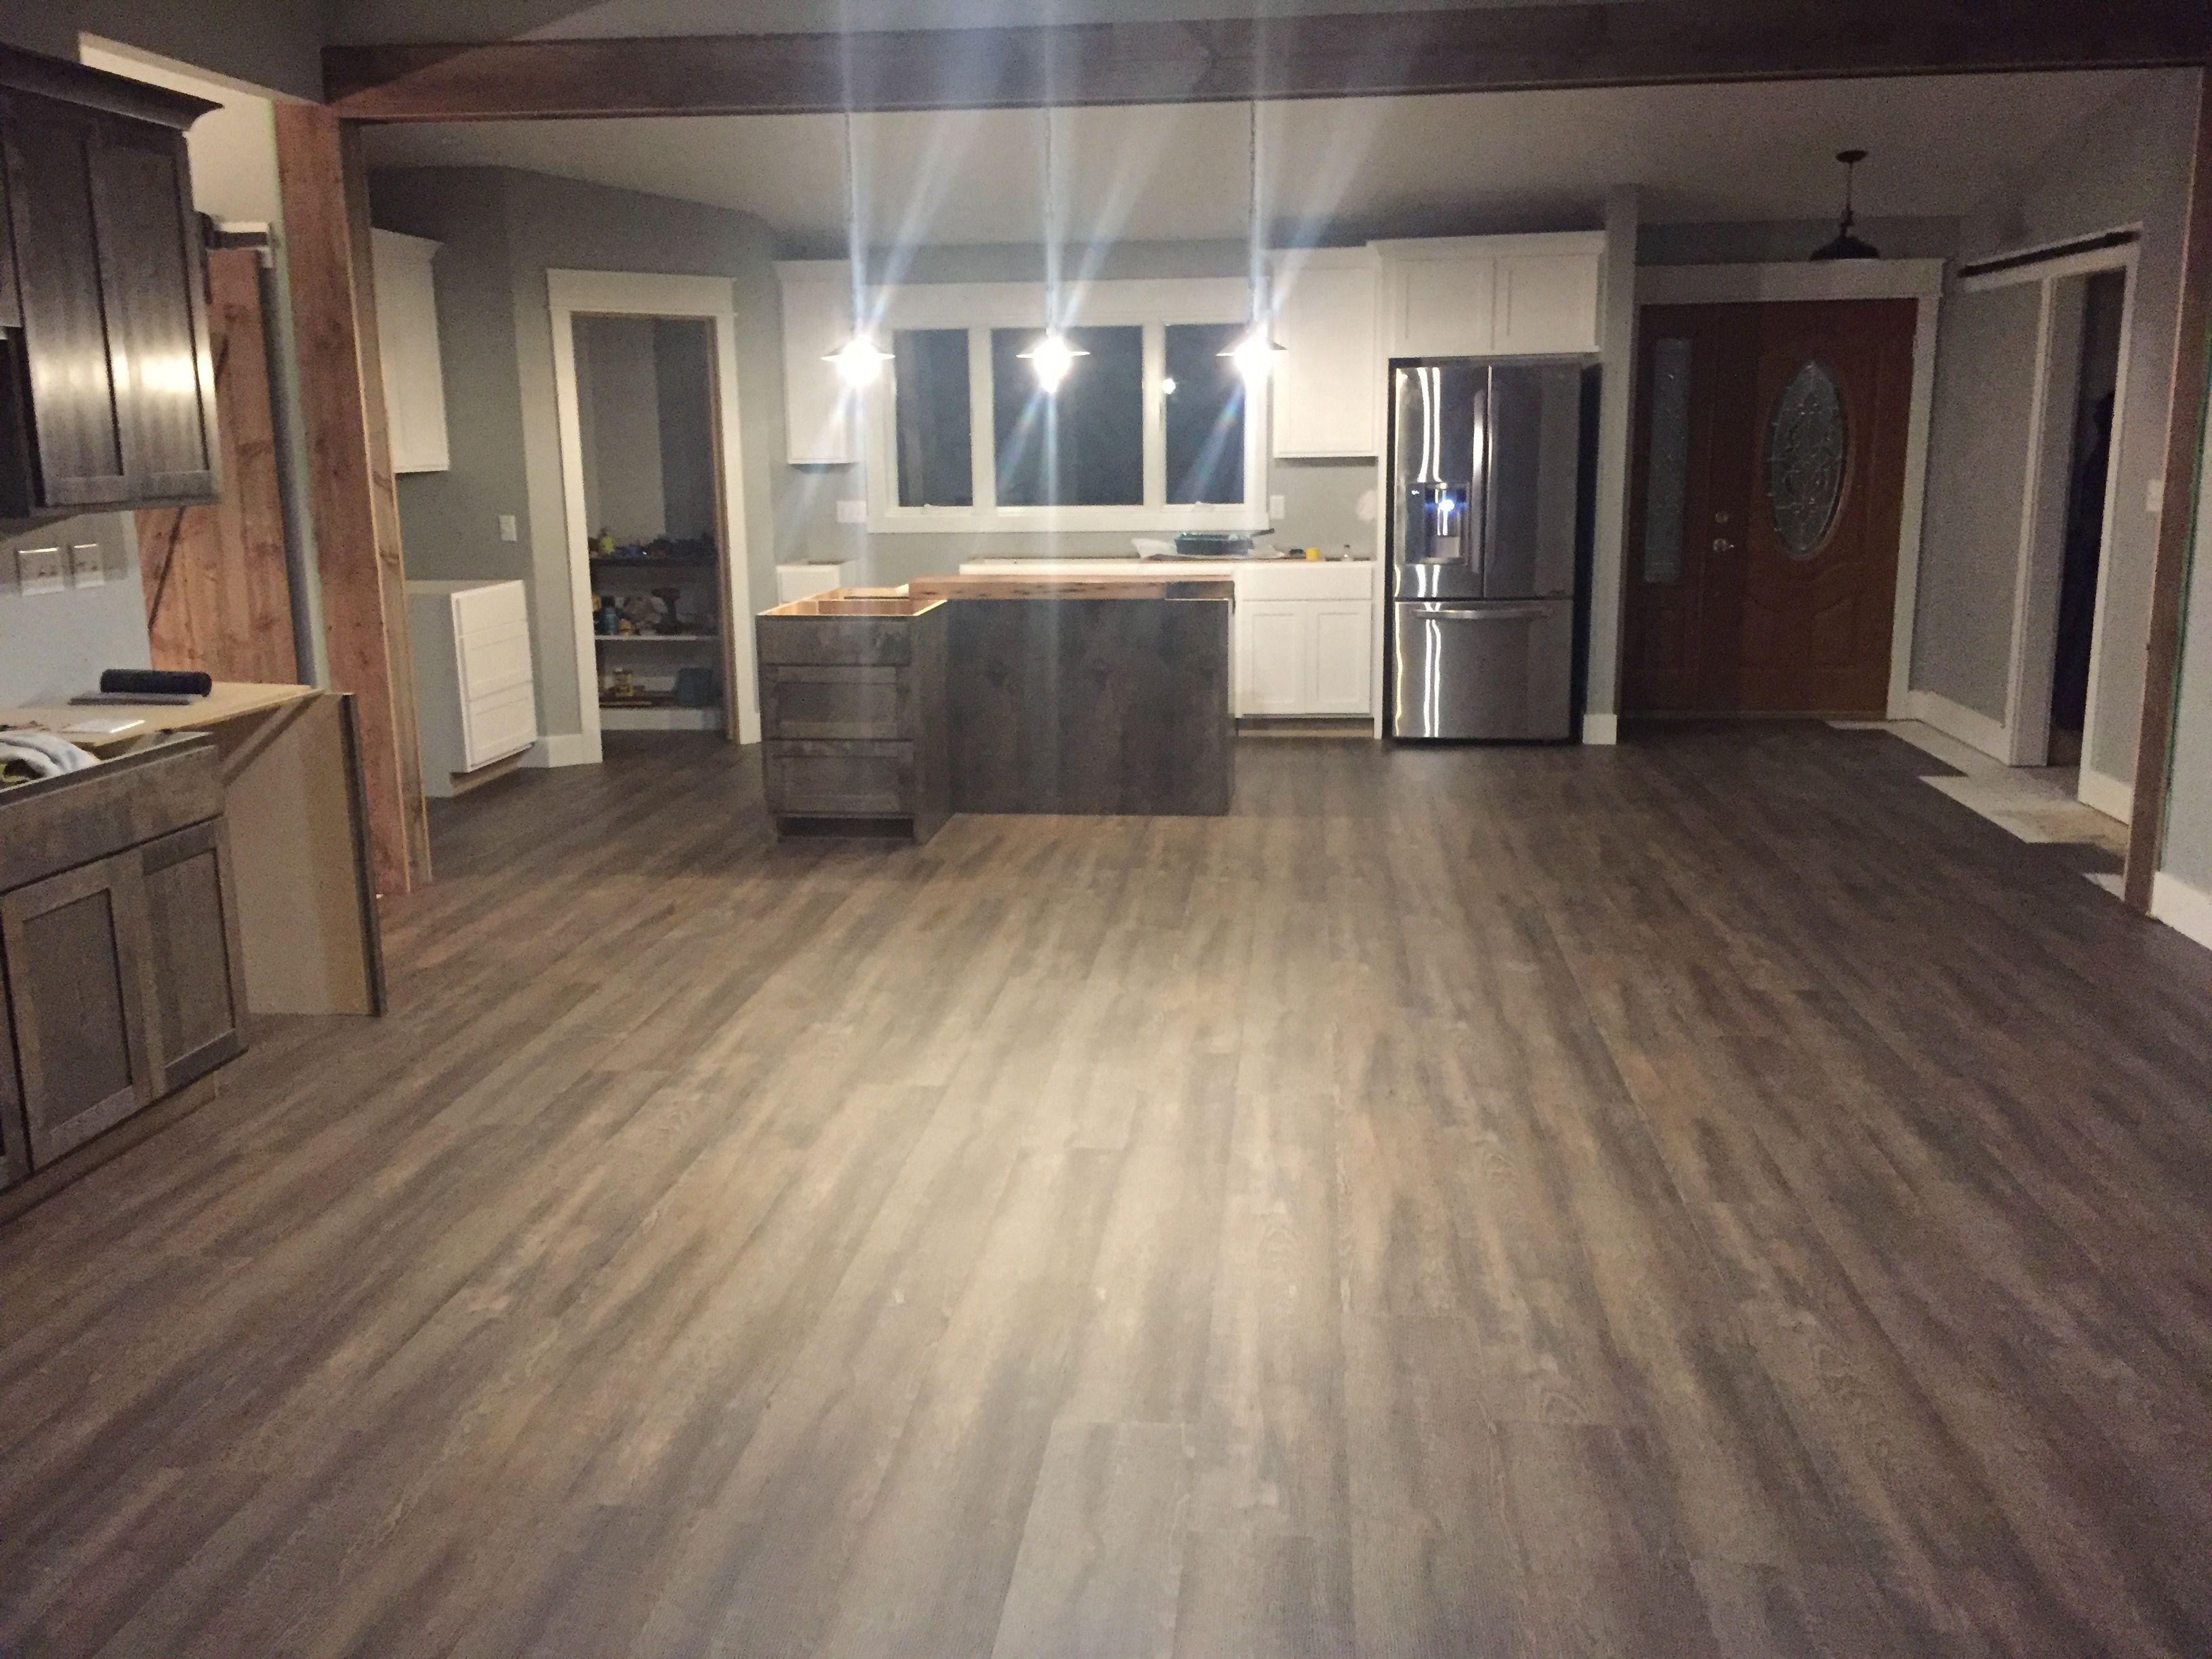 """Coretec Plus XL 7"""" plank LVF luxury vinyl floor, gray and"""